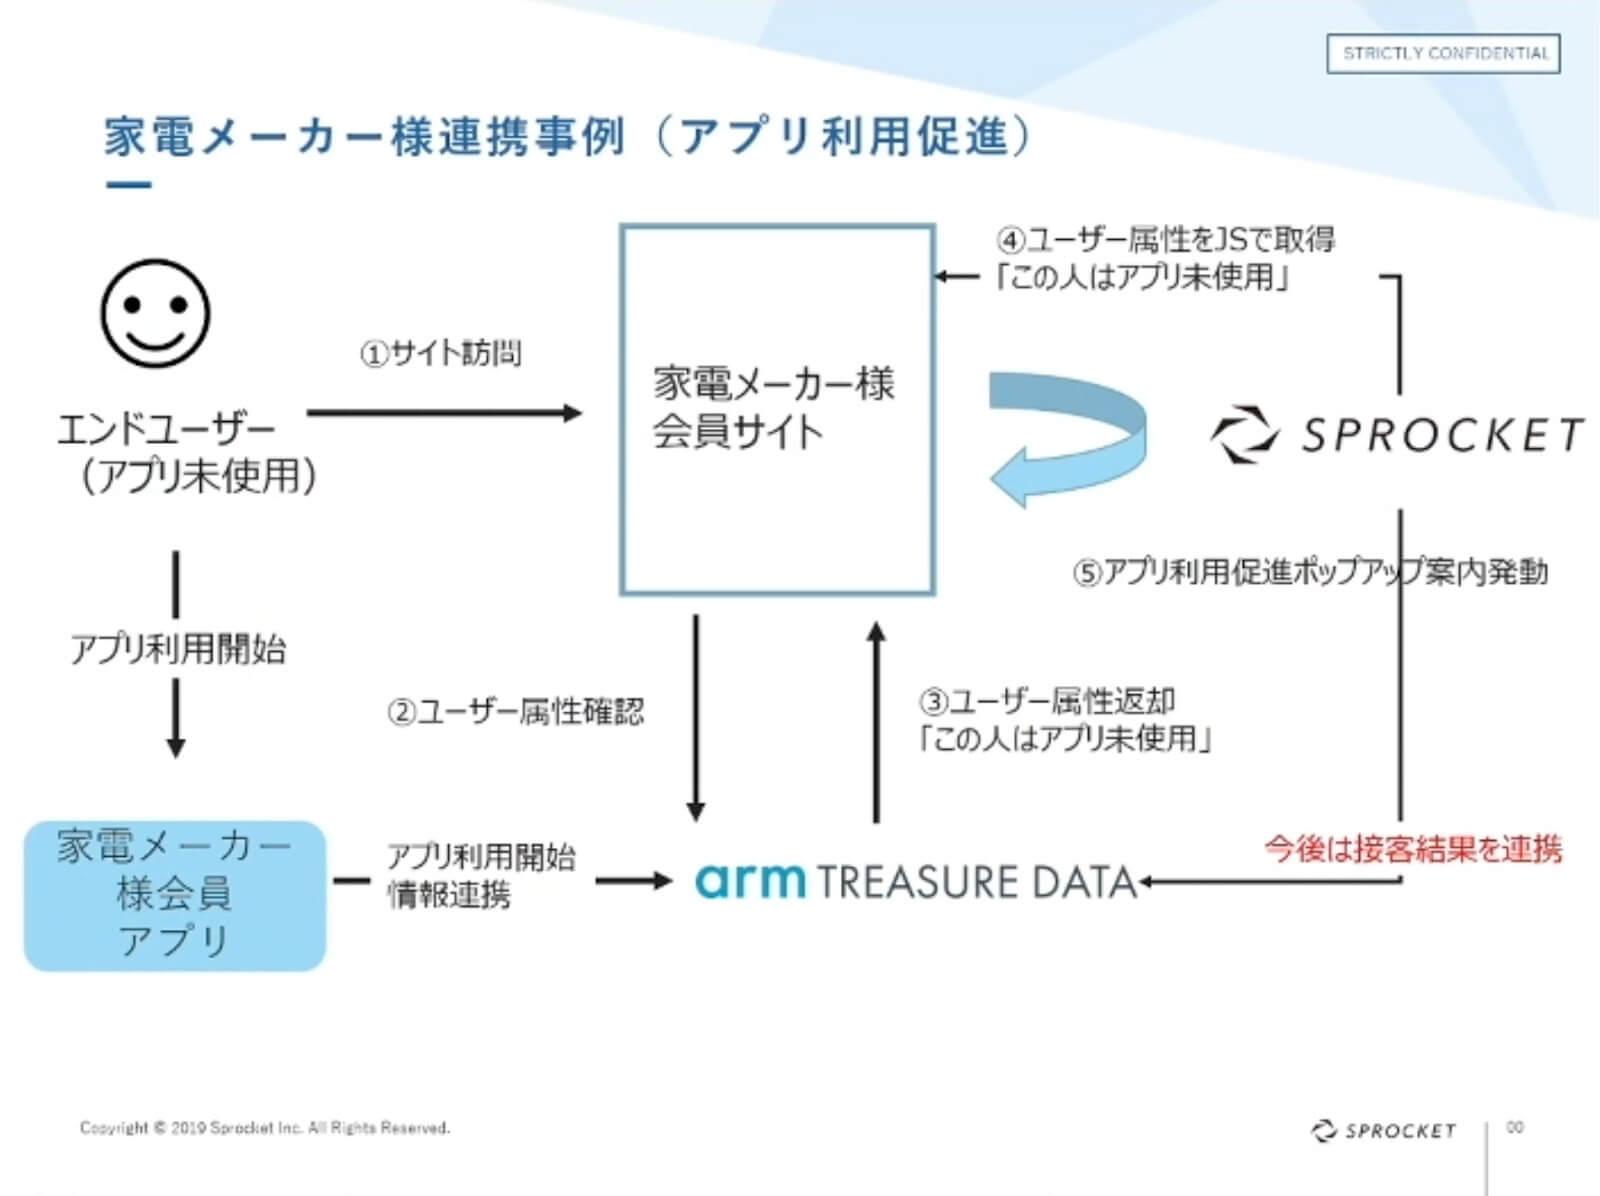 資料:家電メーカー様連携事例 続き(アプリ利用促進)